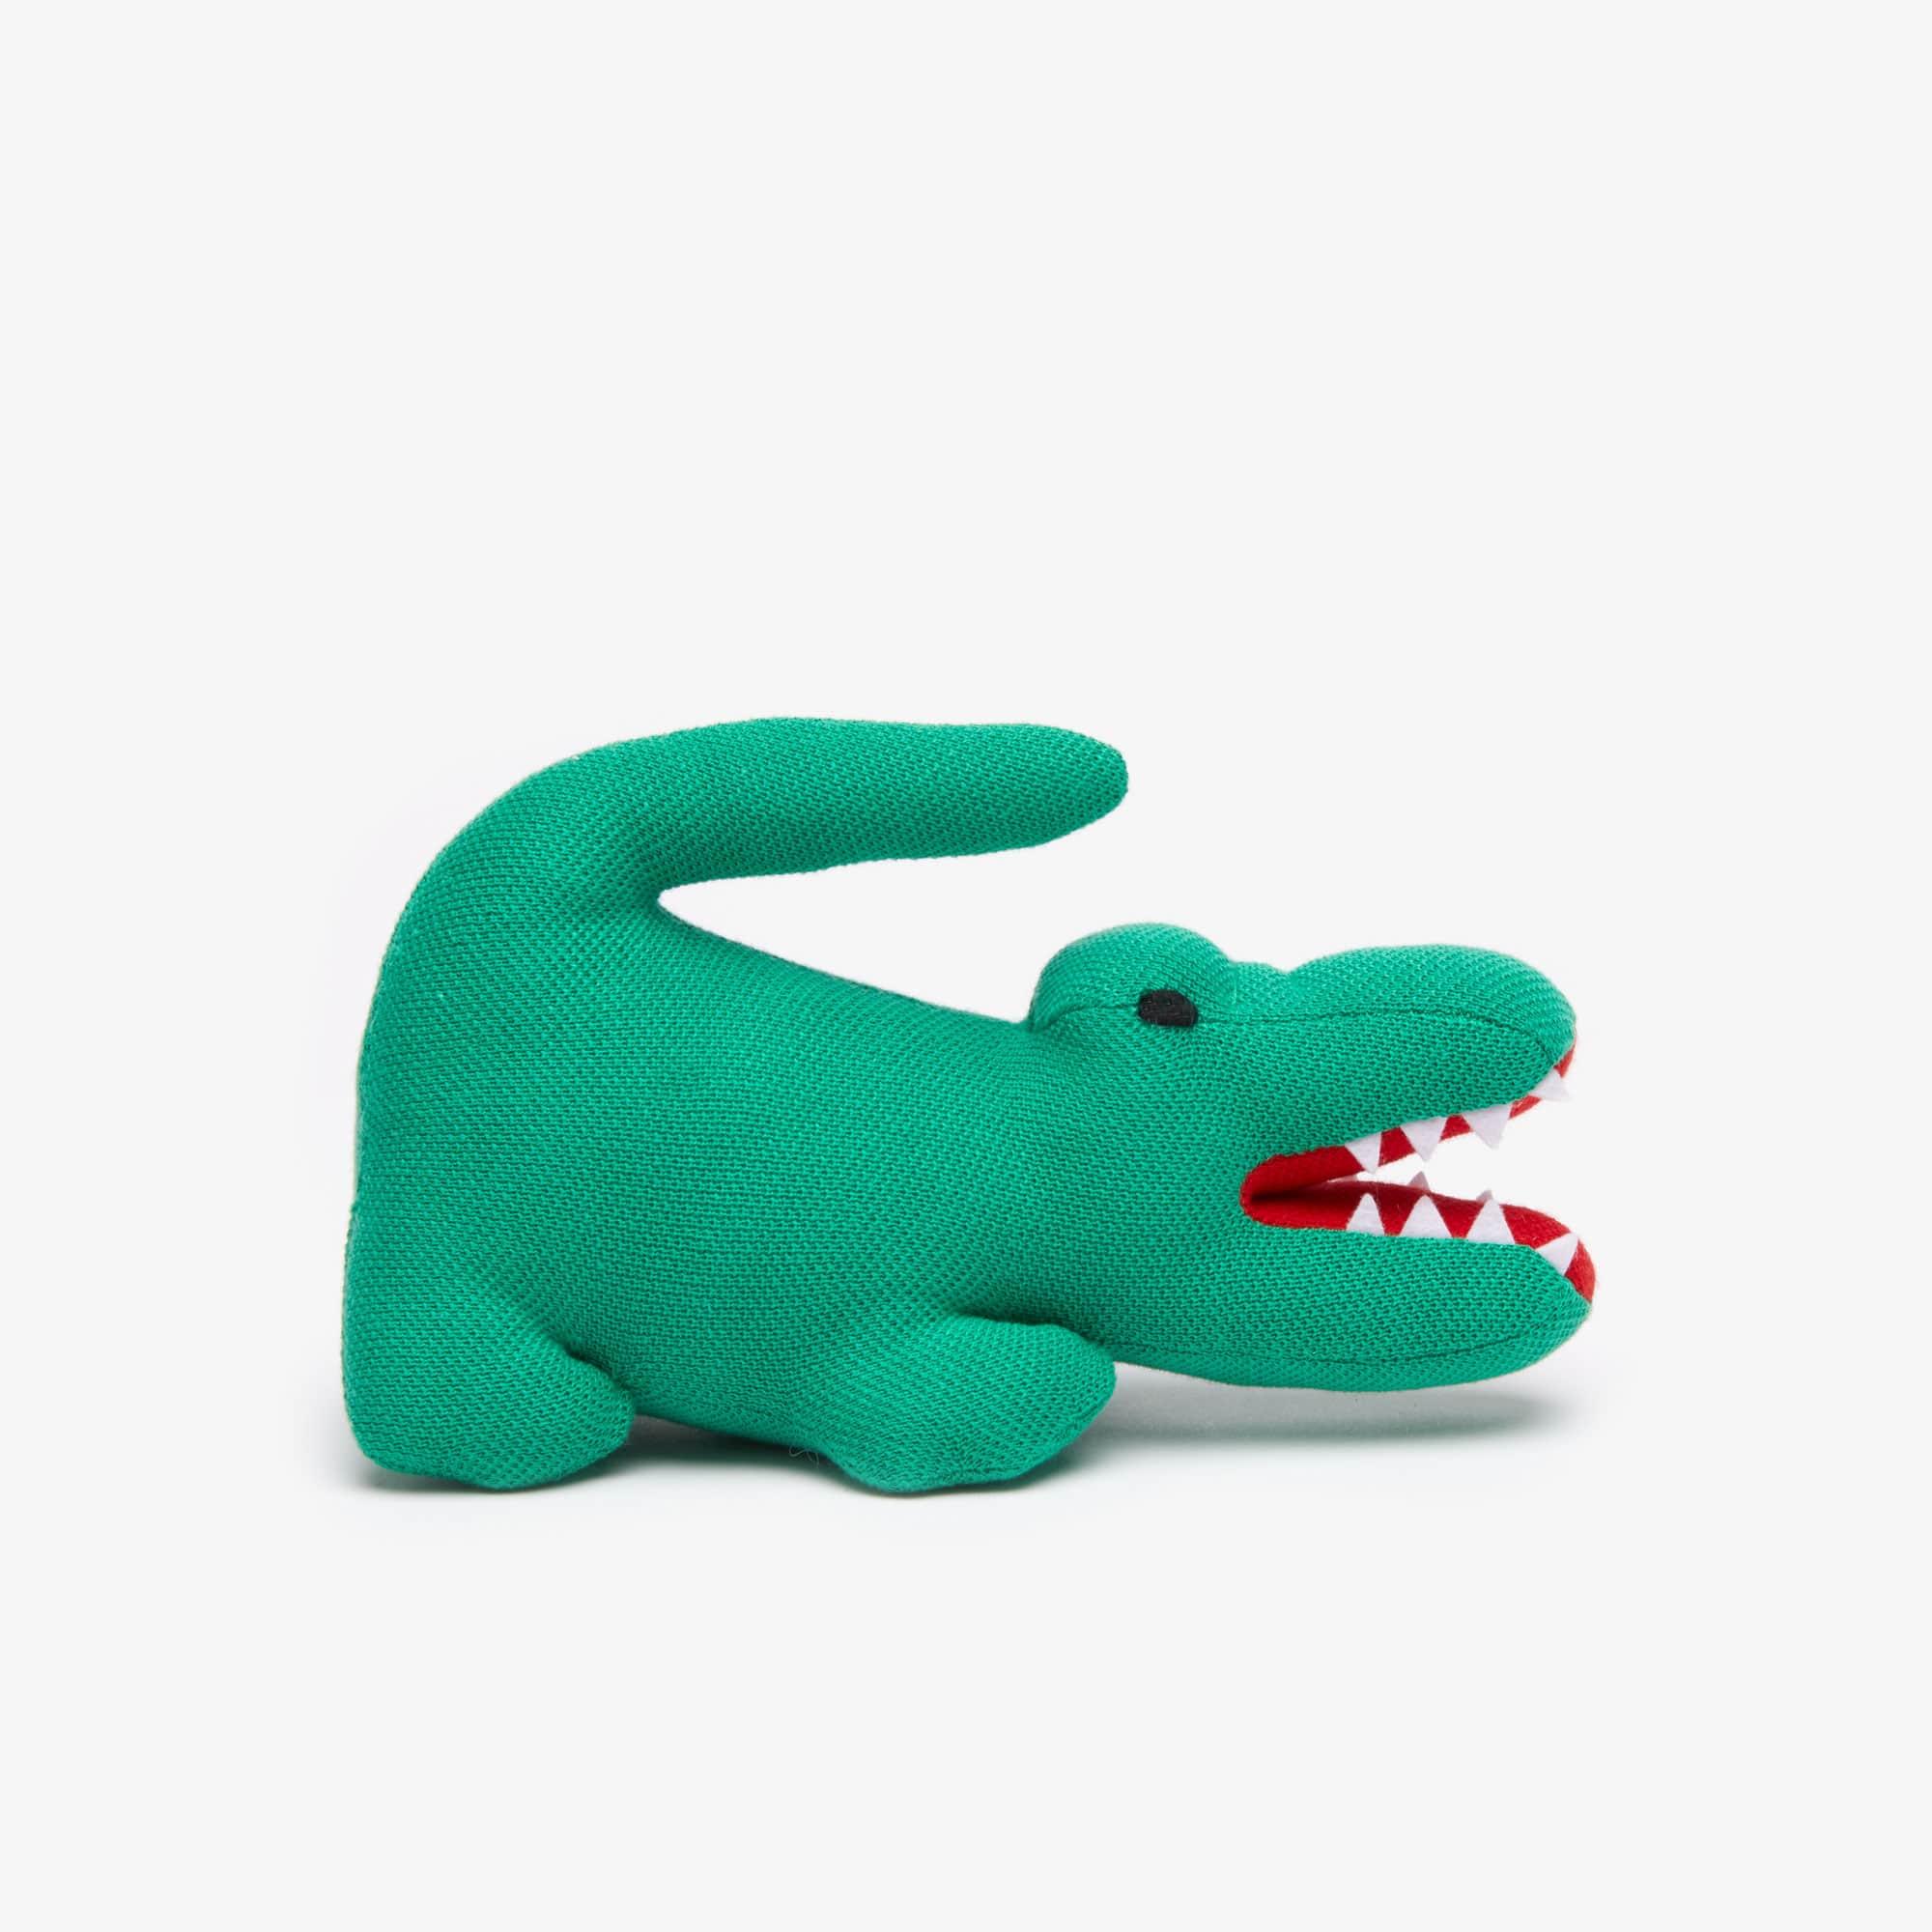 Plüsch-Krokodil aus Baumwoll-Piqué